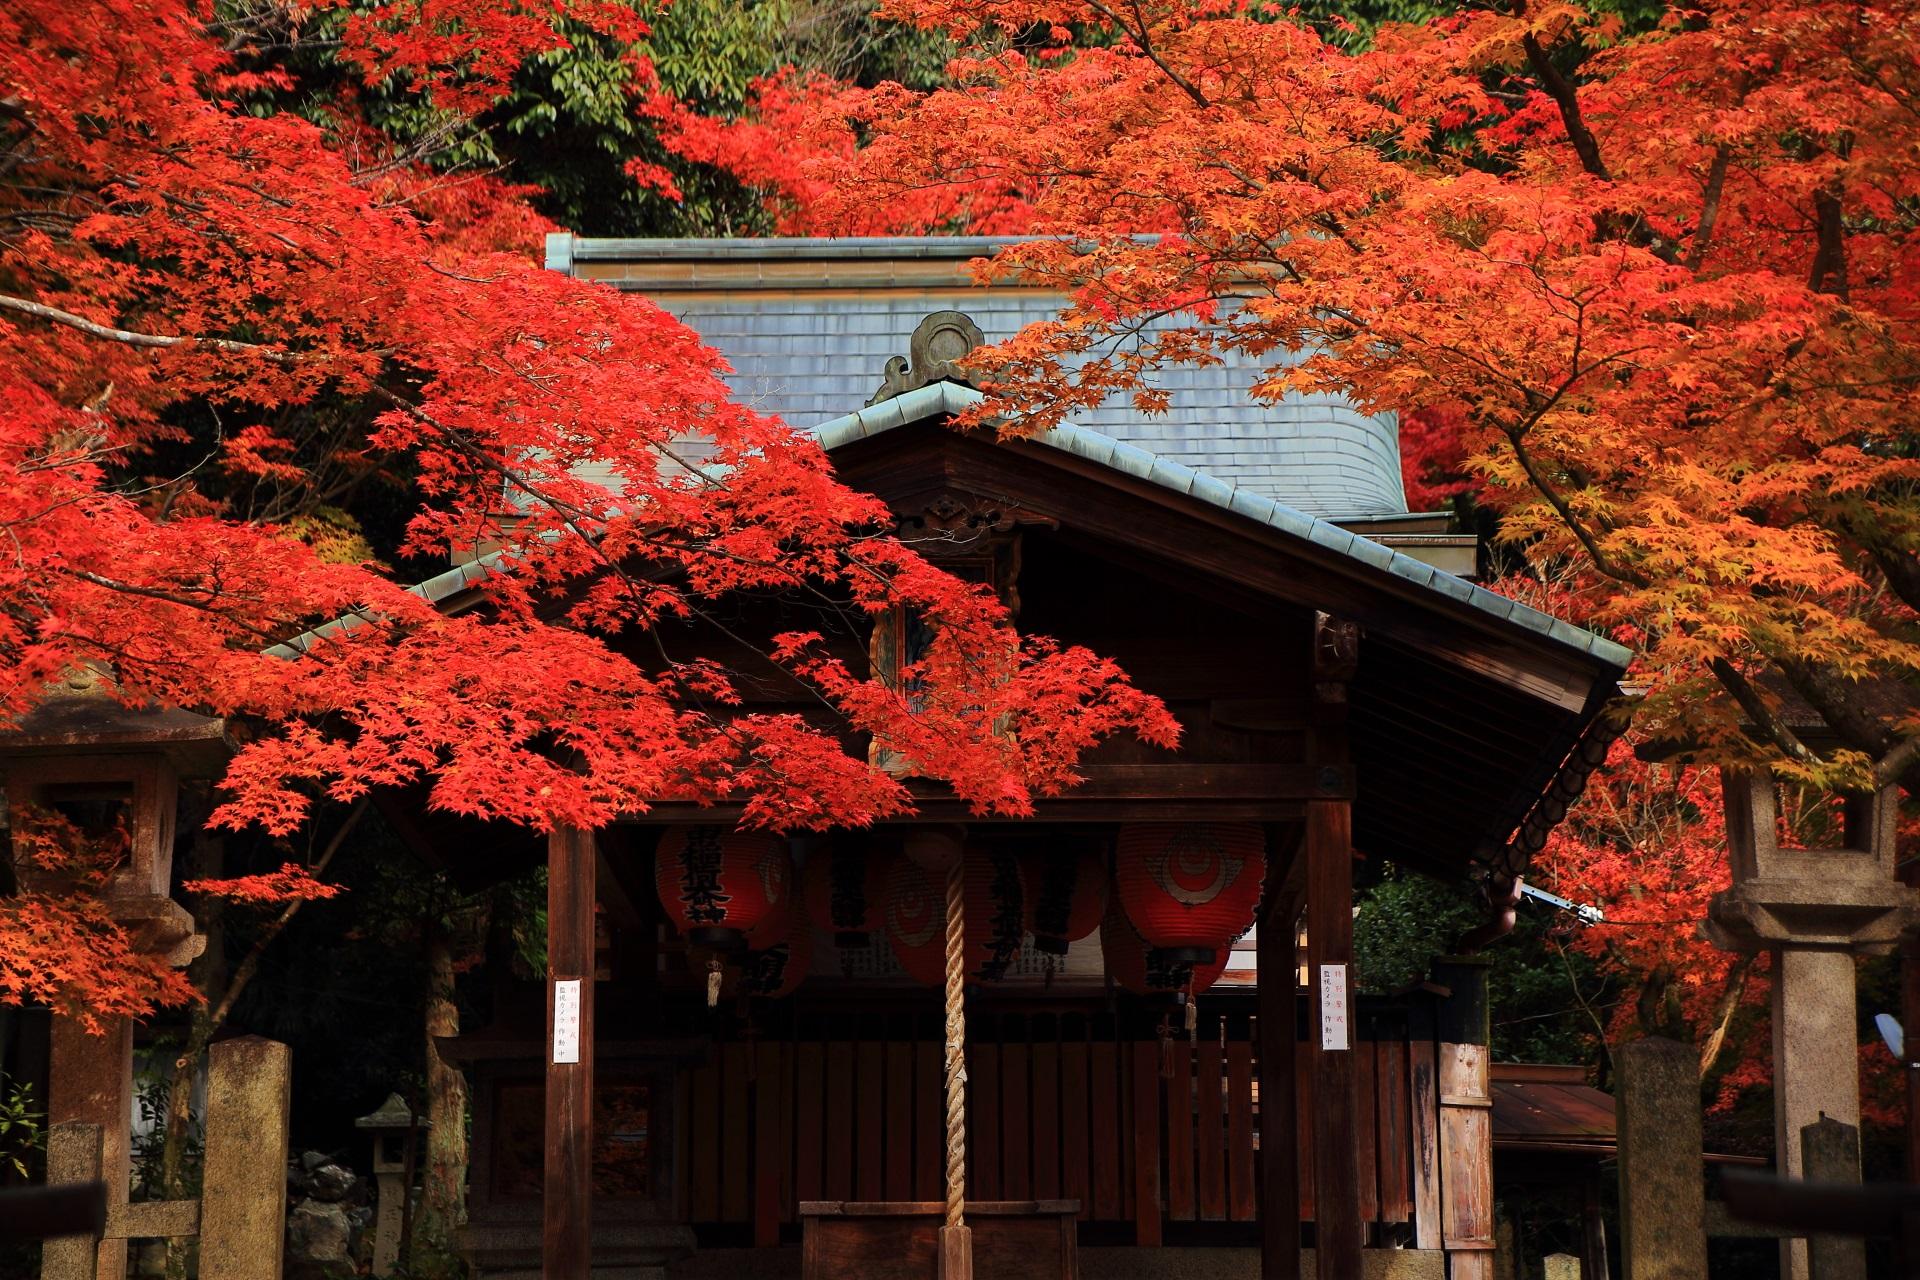 静かに佇む本殿を彩る燃えるような絶品の紅葉